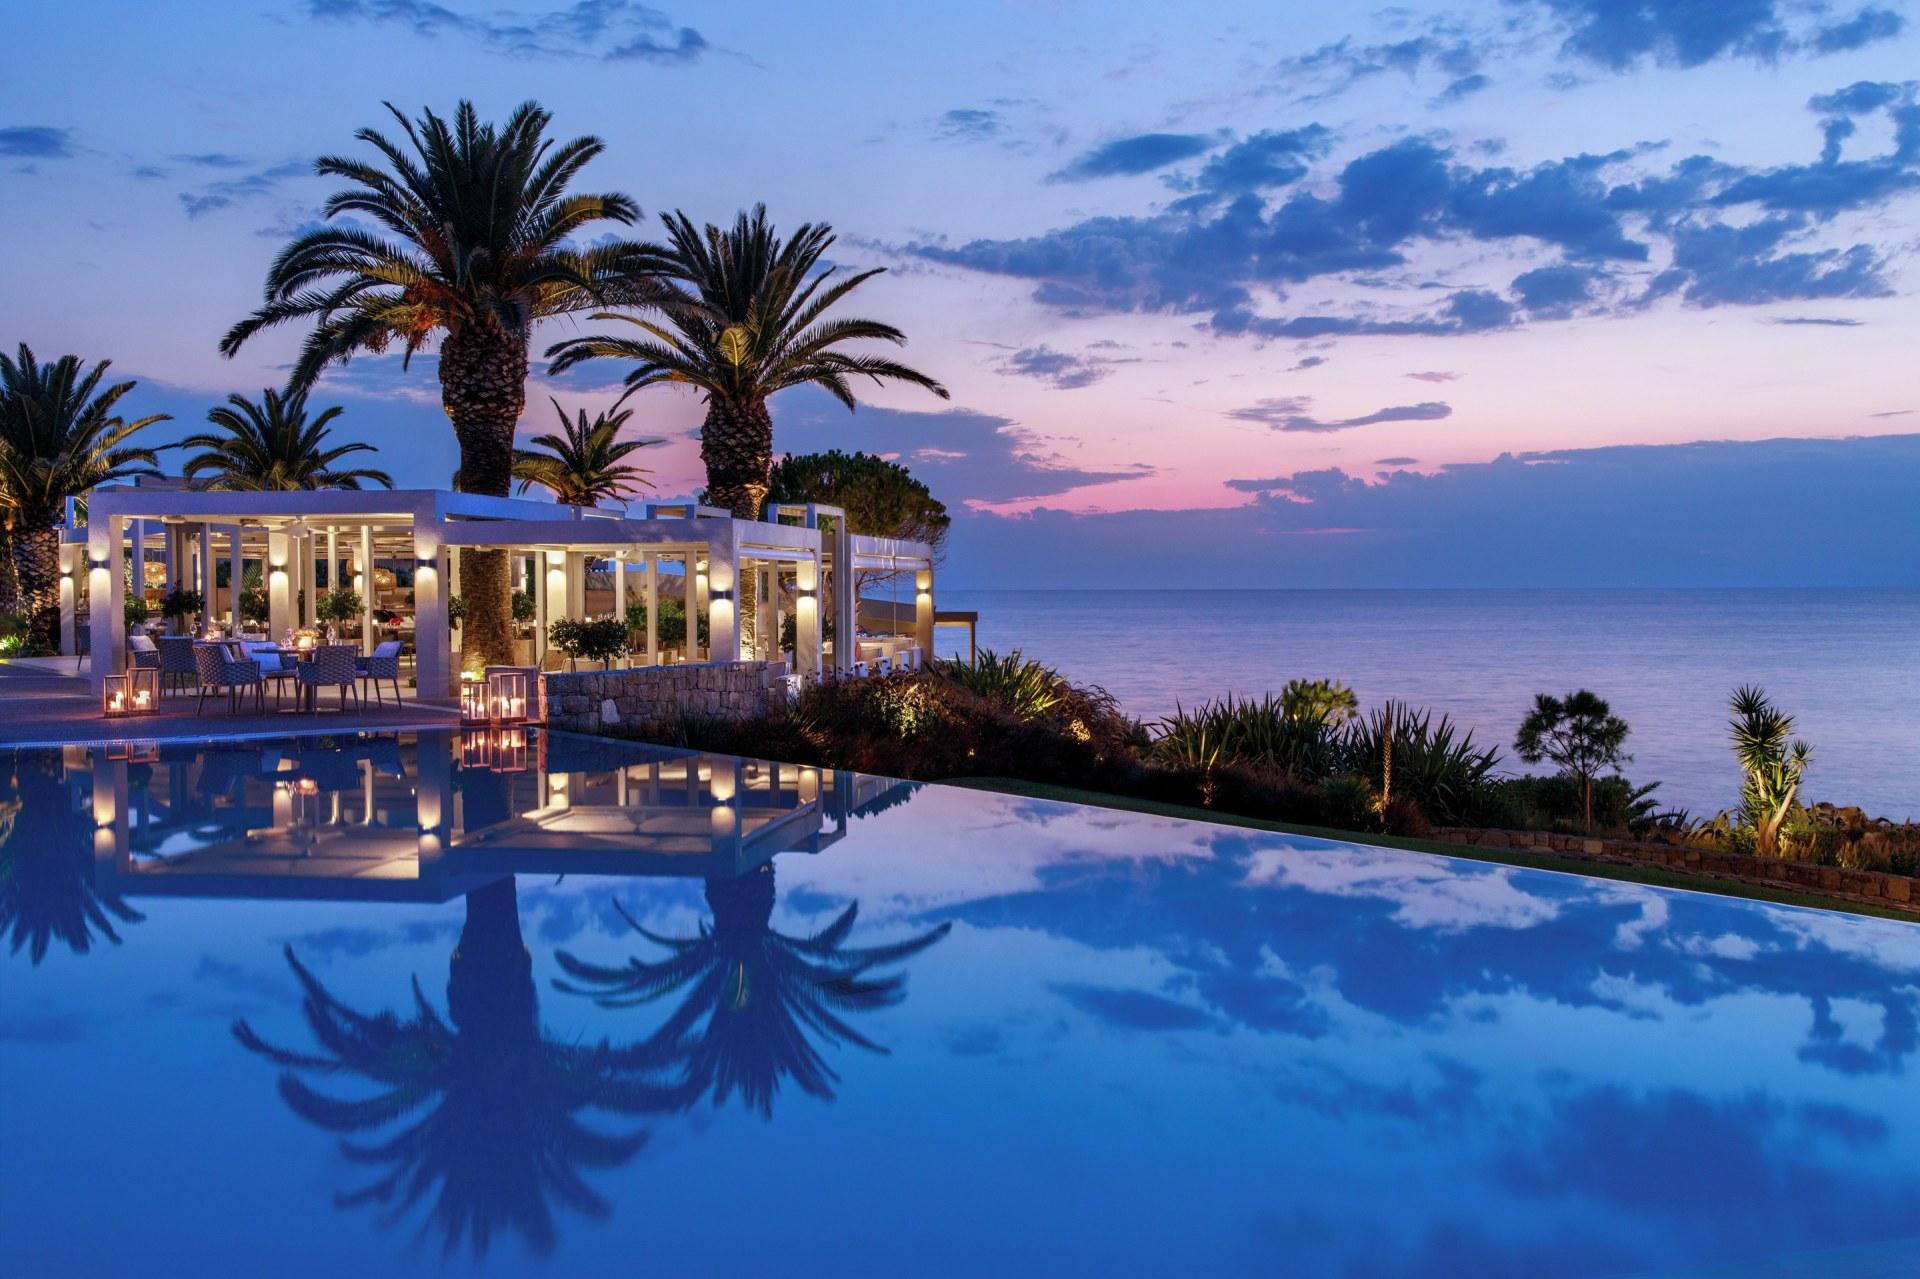 Außenansicht von dem Club Lounge Restaurant mit Aussicht aufs Meer und Pool